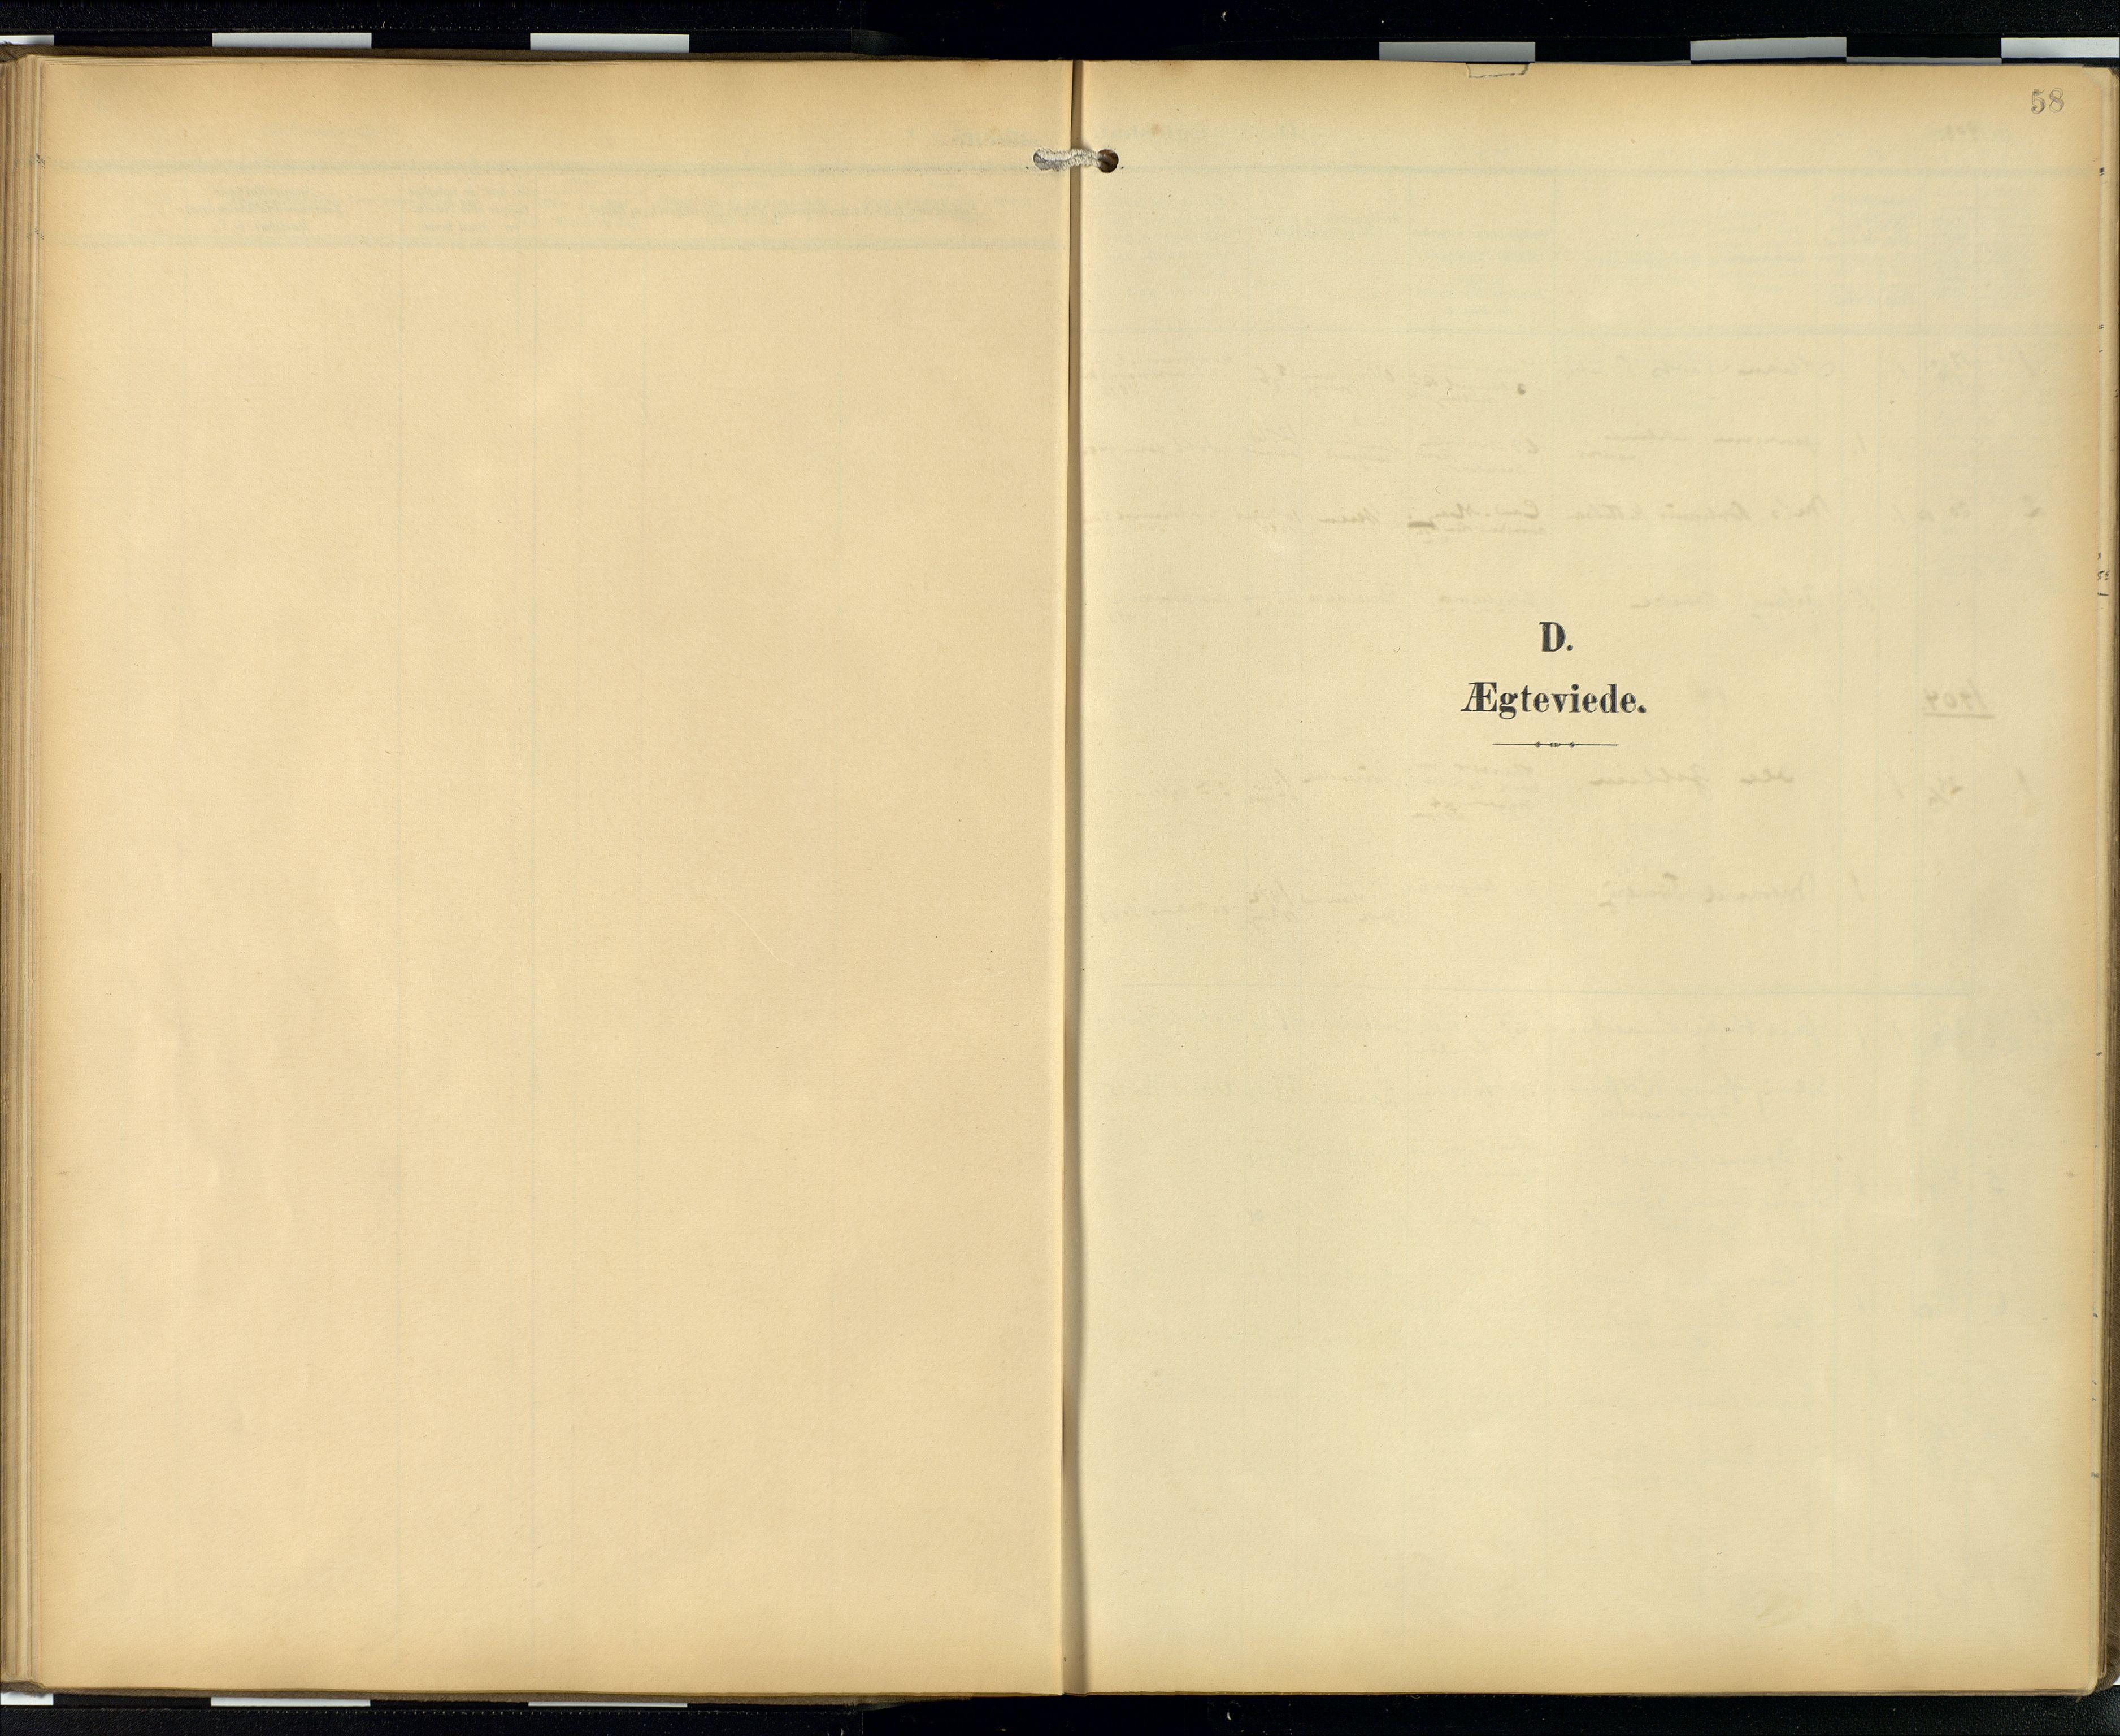 SAB, Privatarkiv 103 - Den norske sjømannsmisjon i utlandet/London m/bistasjoner, H/Ha/L0003: Ministerialbok nr. A 3, 1903-1934, s. 57b-58a